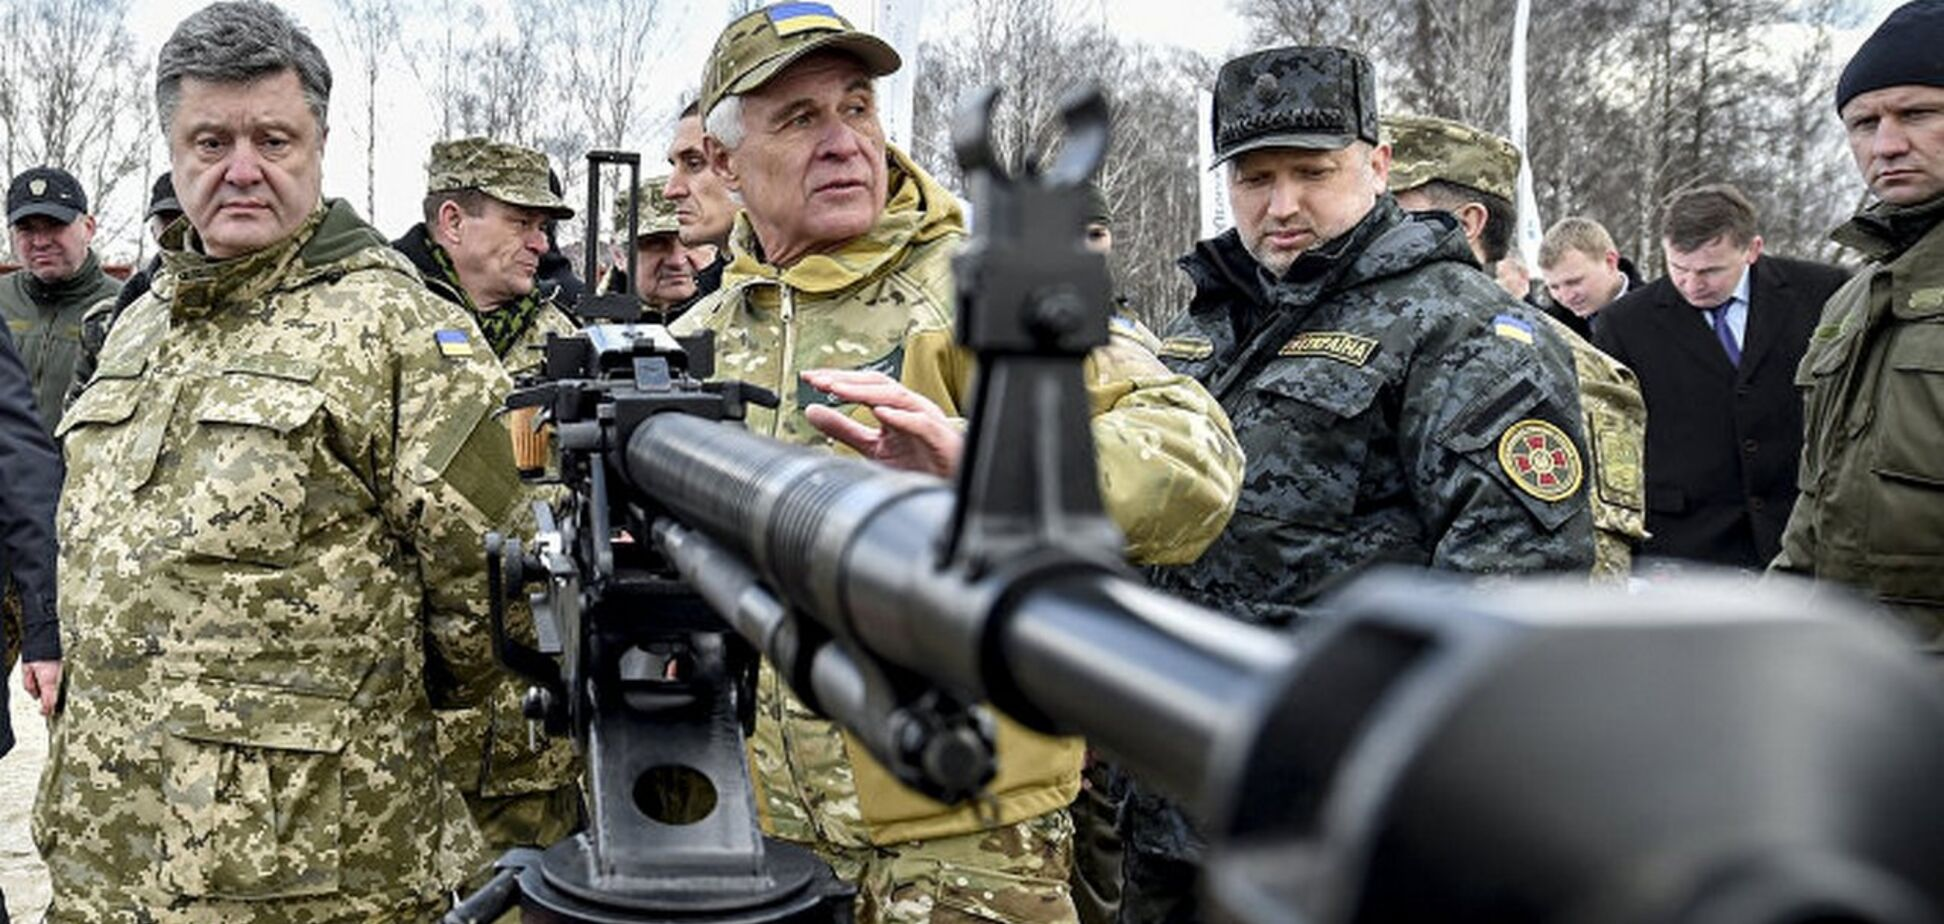 Вернуть Донбасс в 2018 году: генерал оценил возможности